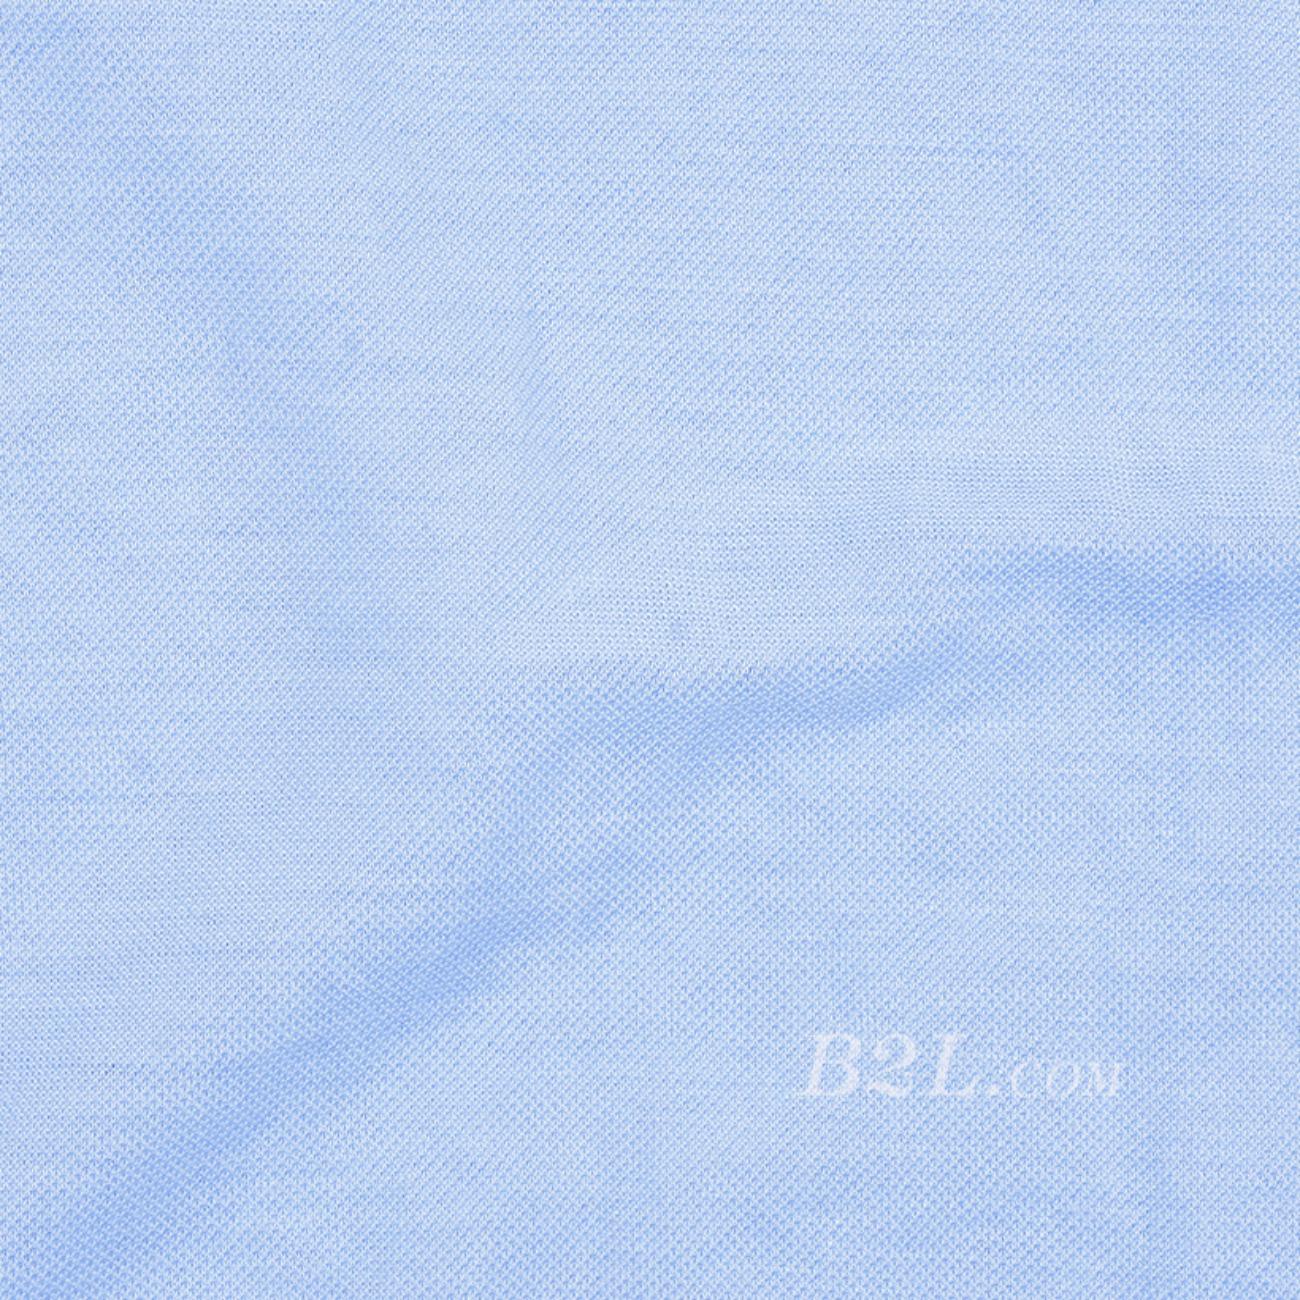 素色 针织 染色 低弹 春秋 连衣裙 时装 90306-39